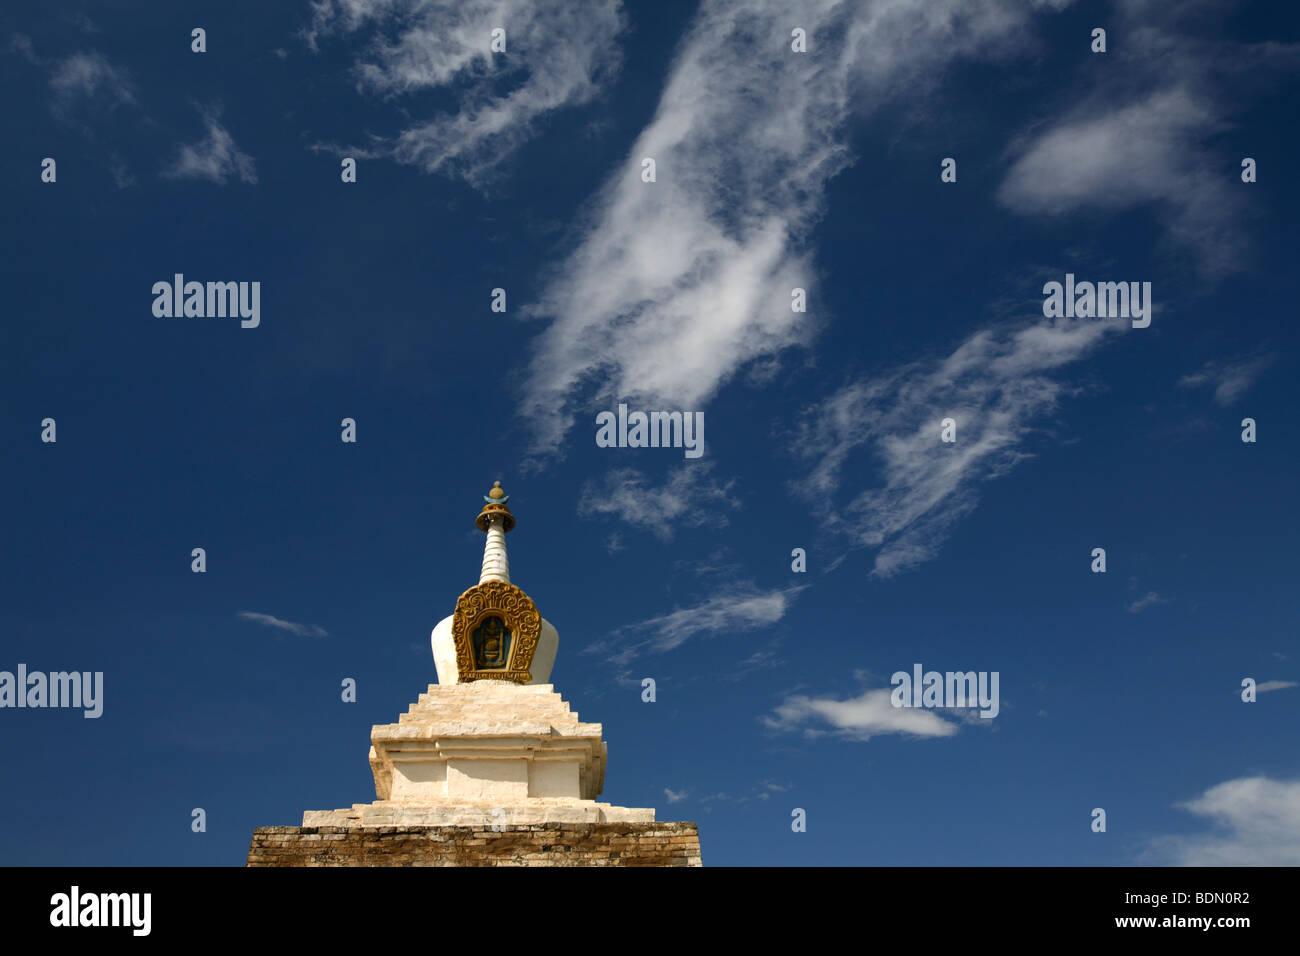 One of the 108 Stupa of Erdene Zuu wall, Karakorum, Mongolia - Stock Image